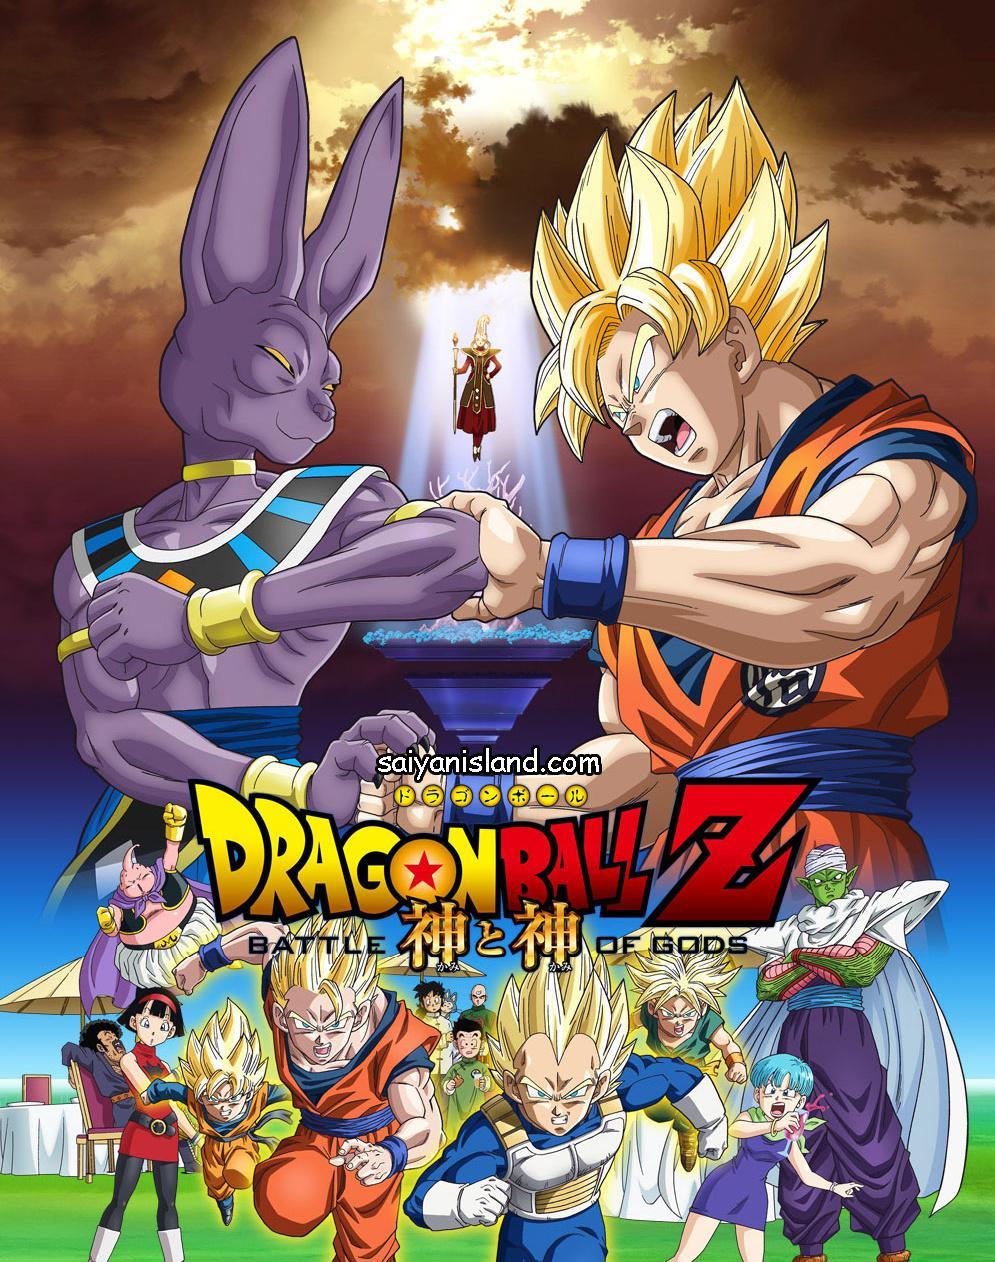 剧场版《龙珠Z:神与神》(Dragon Ball Z: Battle of Gods)曝IMAX版预告